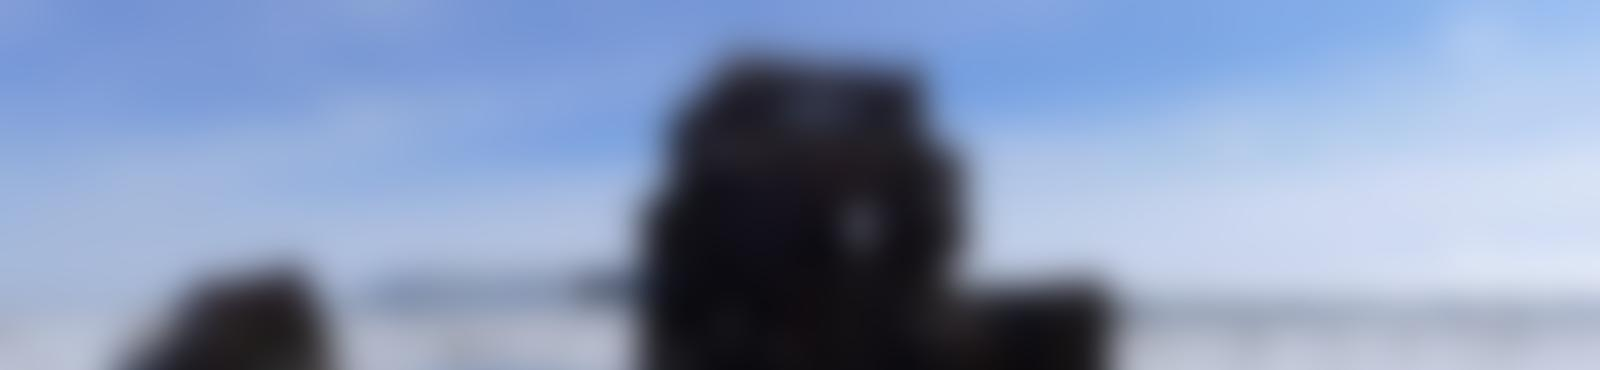 Blurred 6f746d41 20d7 4339 8371 769b88a4794a